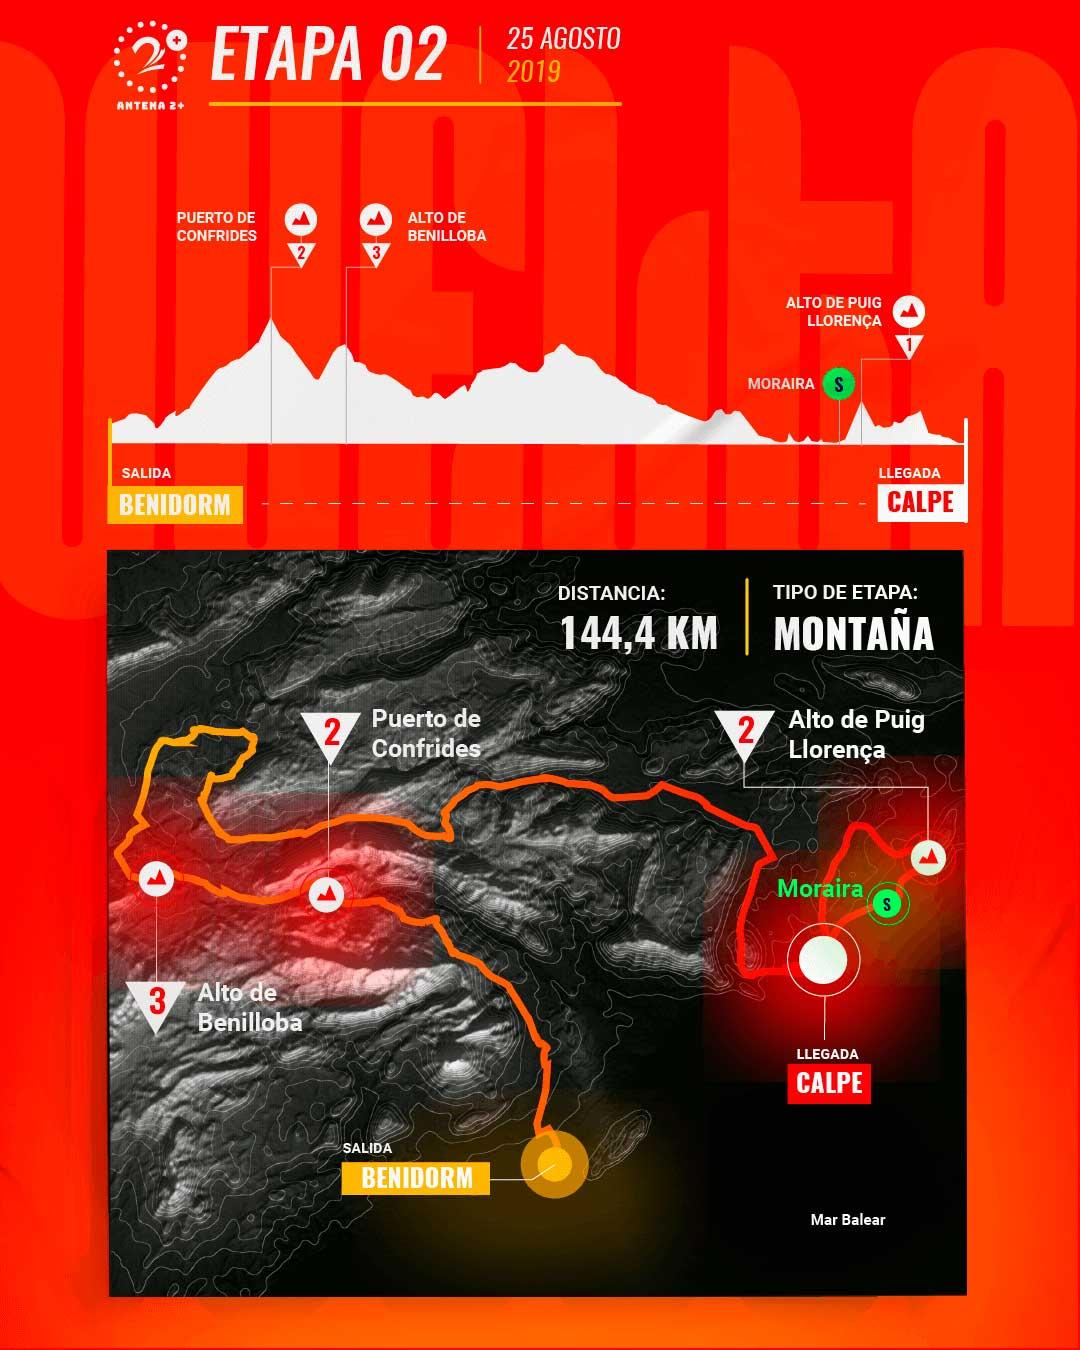 Etapa 2, Vuelta a España 2019